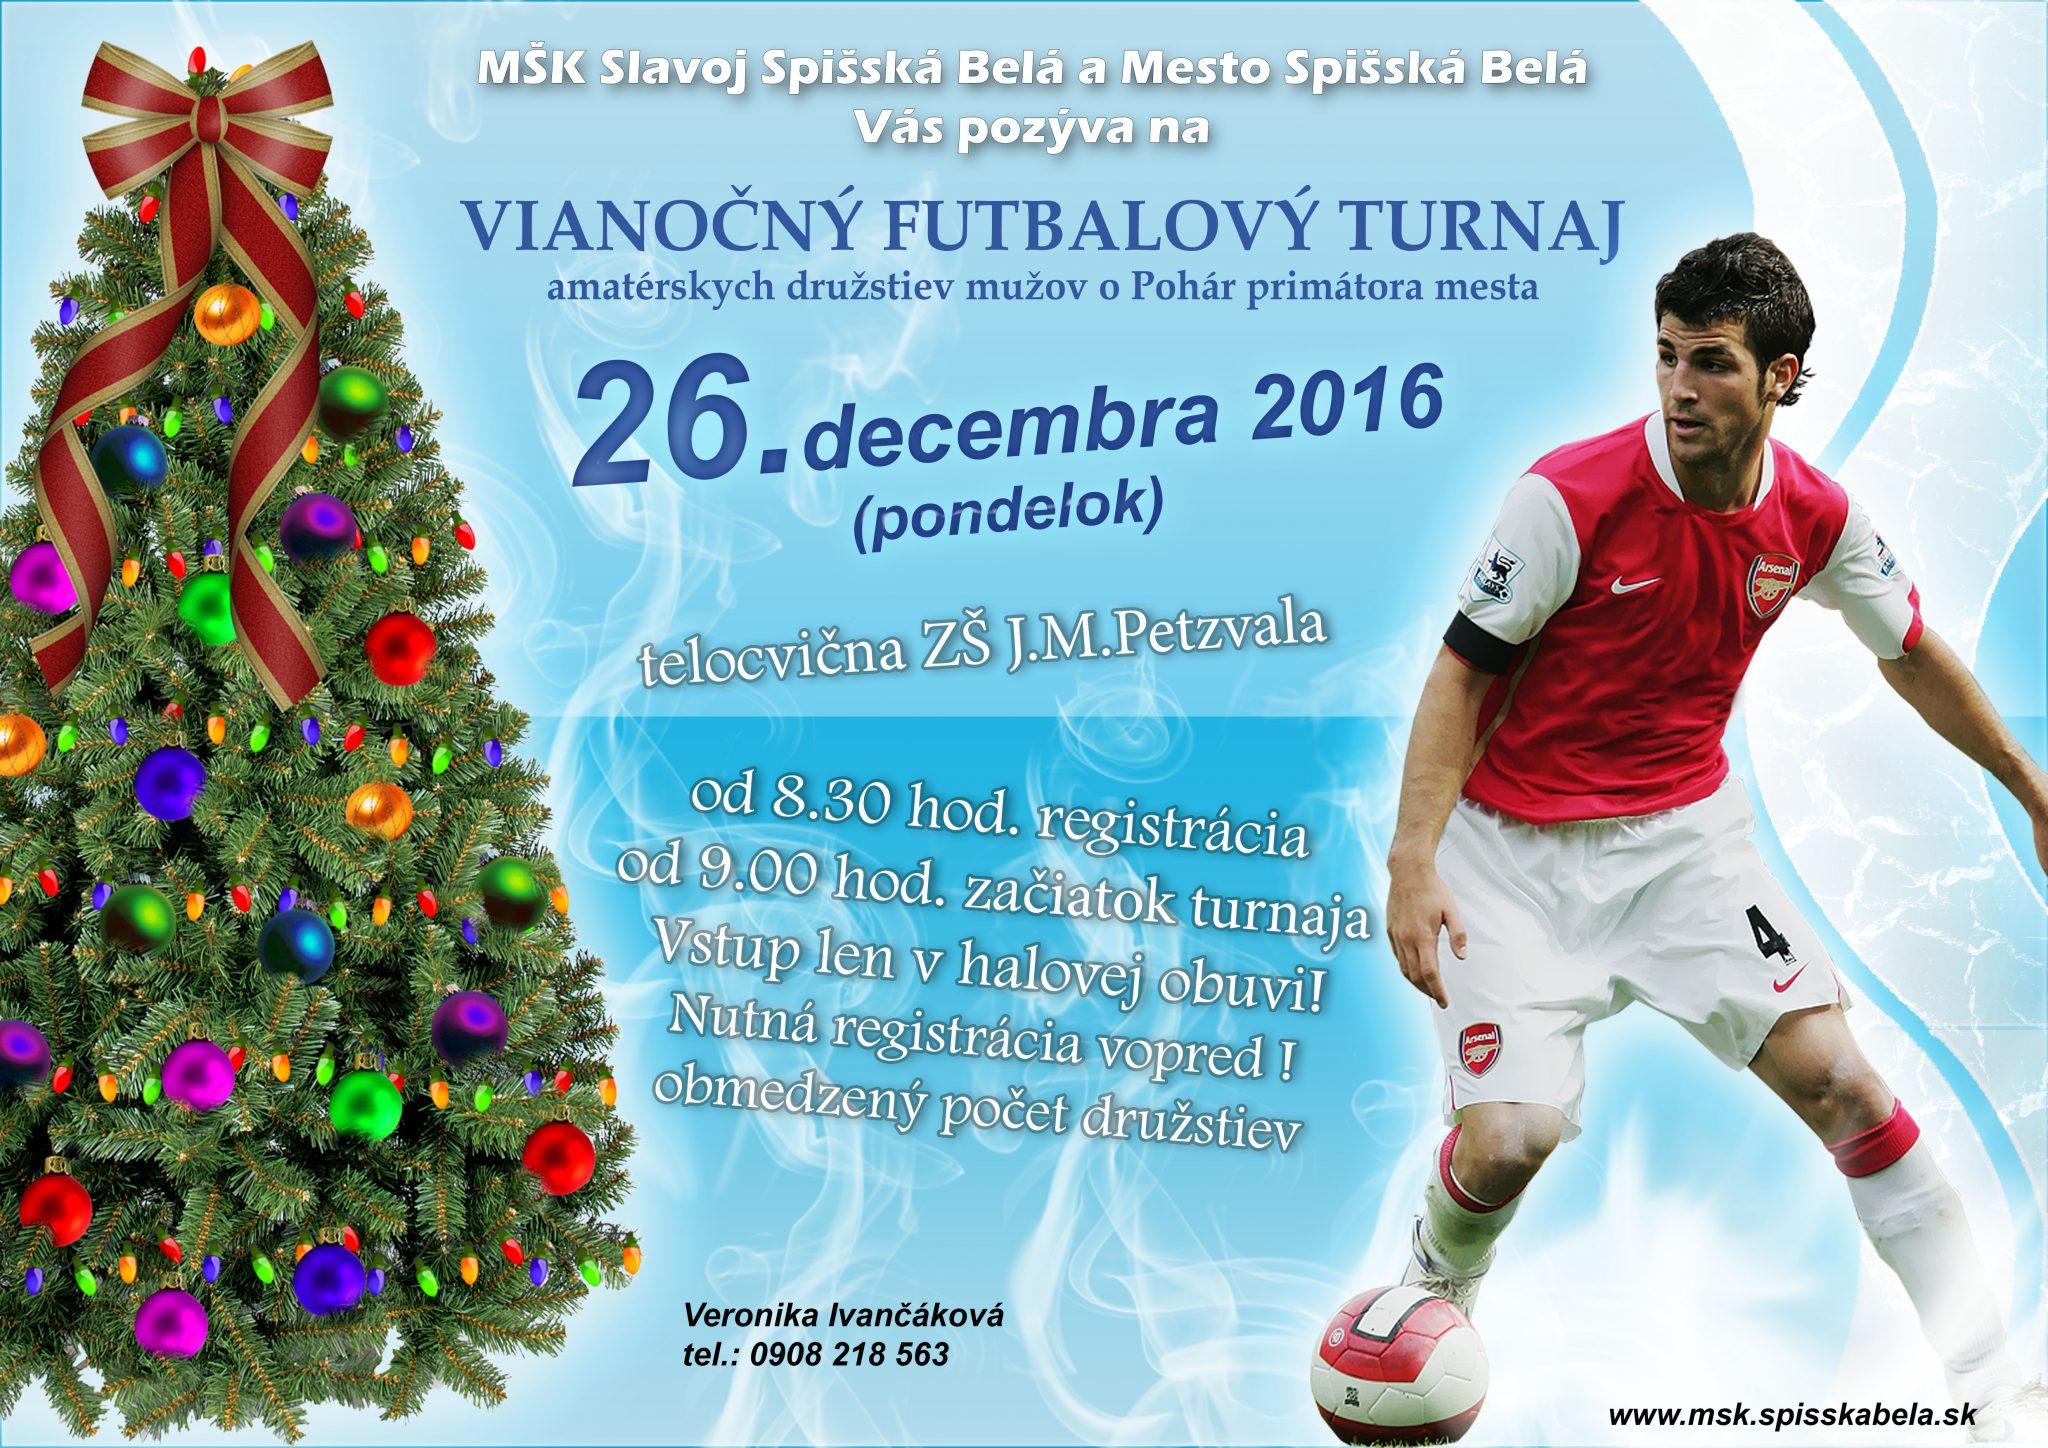 Vianočný futbalový turnaj 2016 - plagát